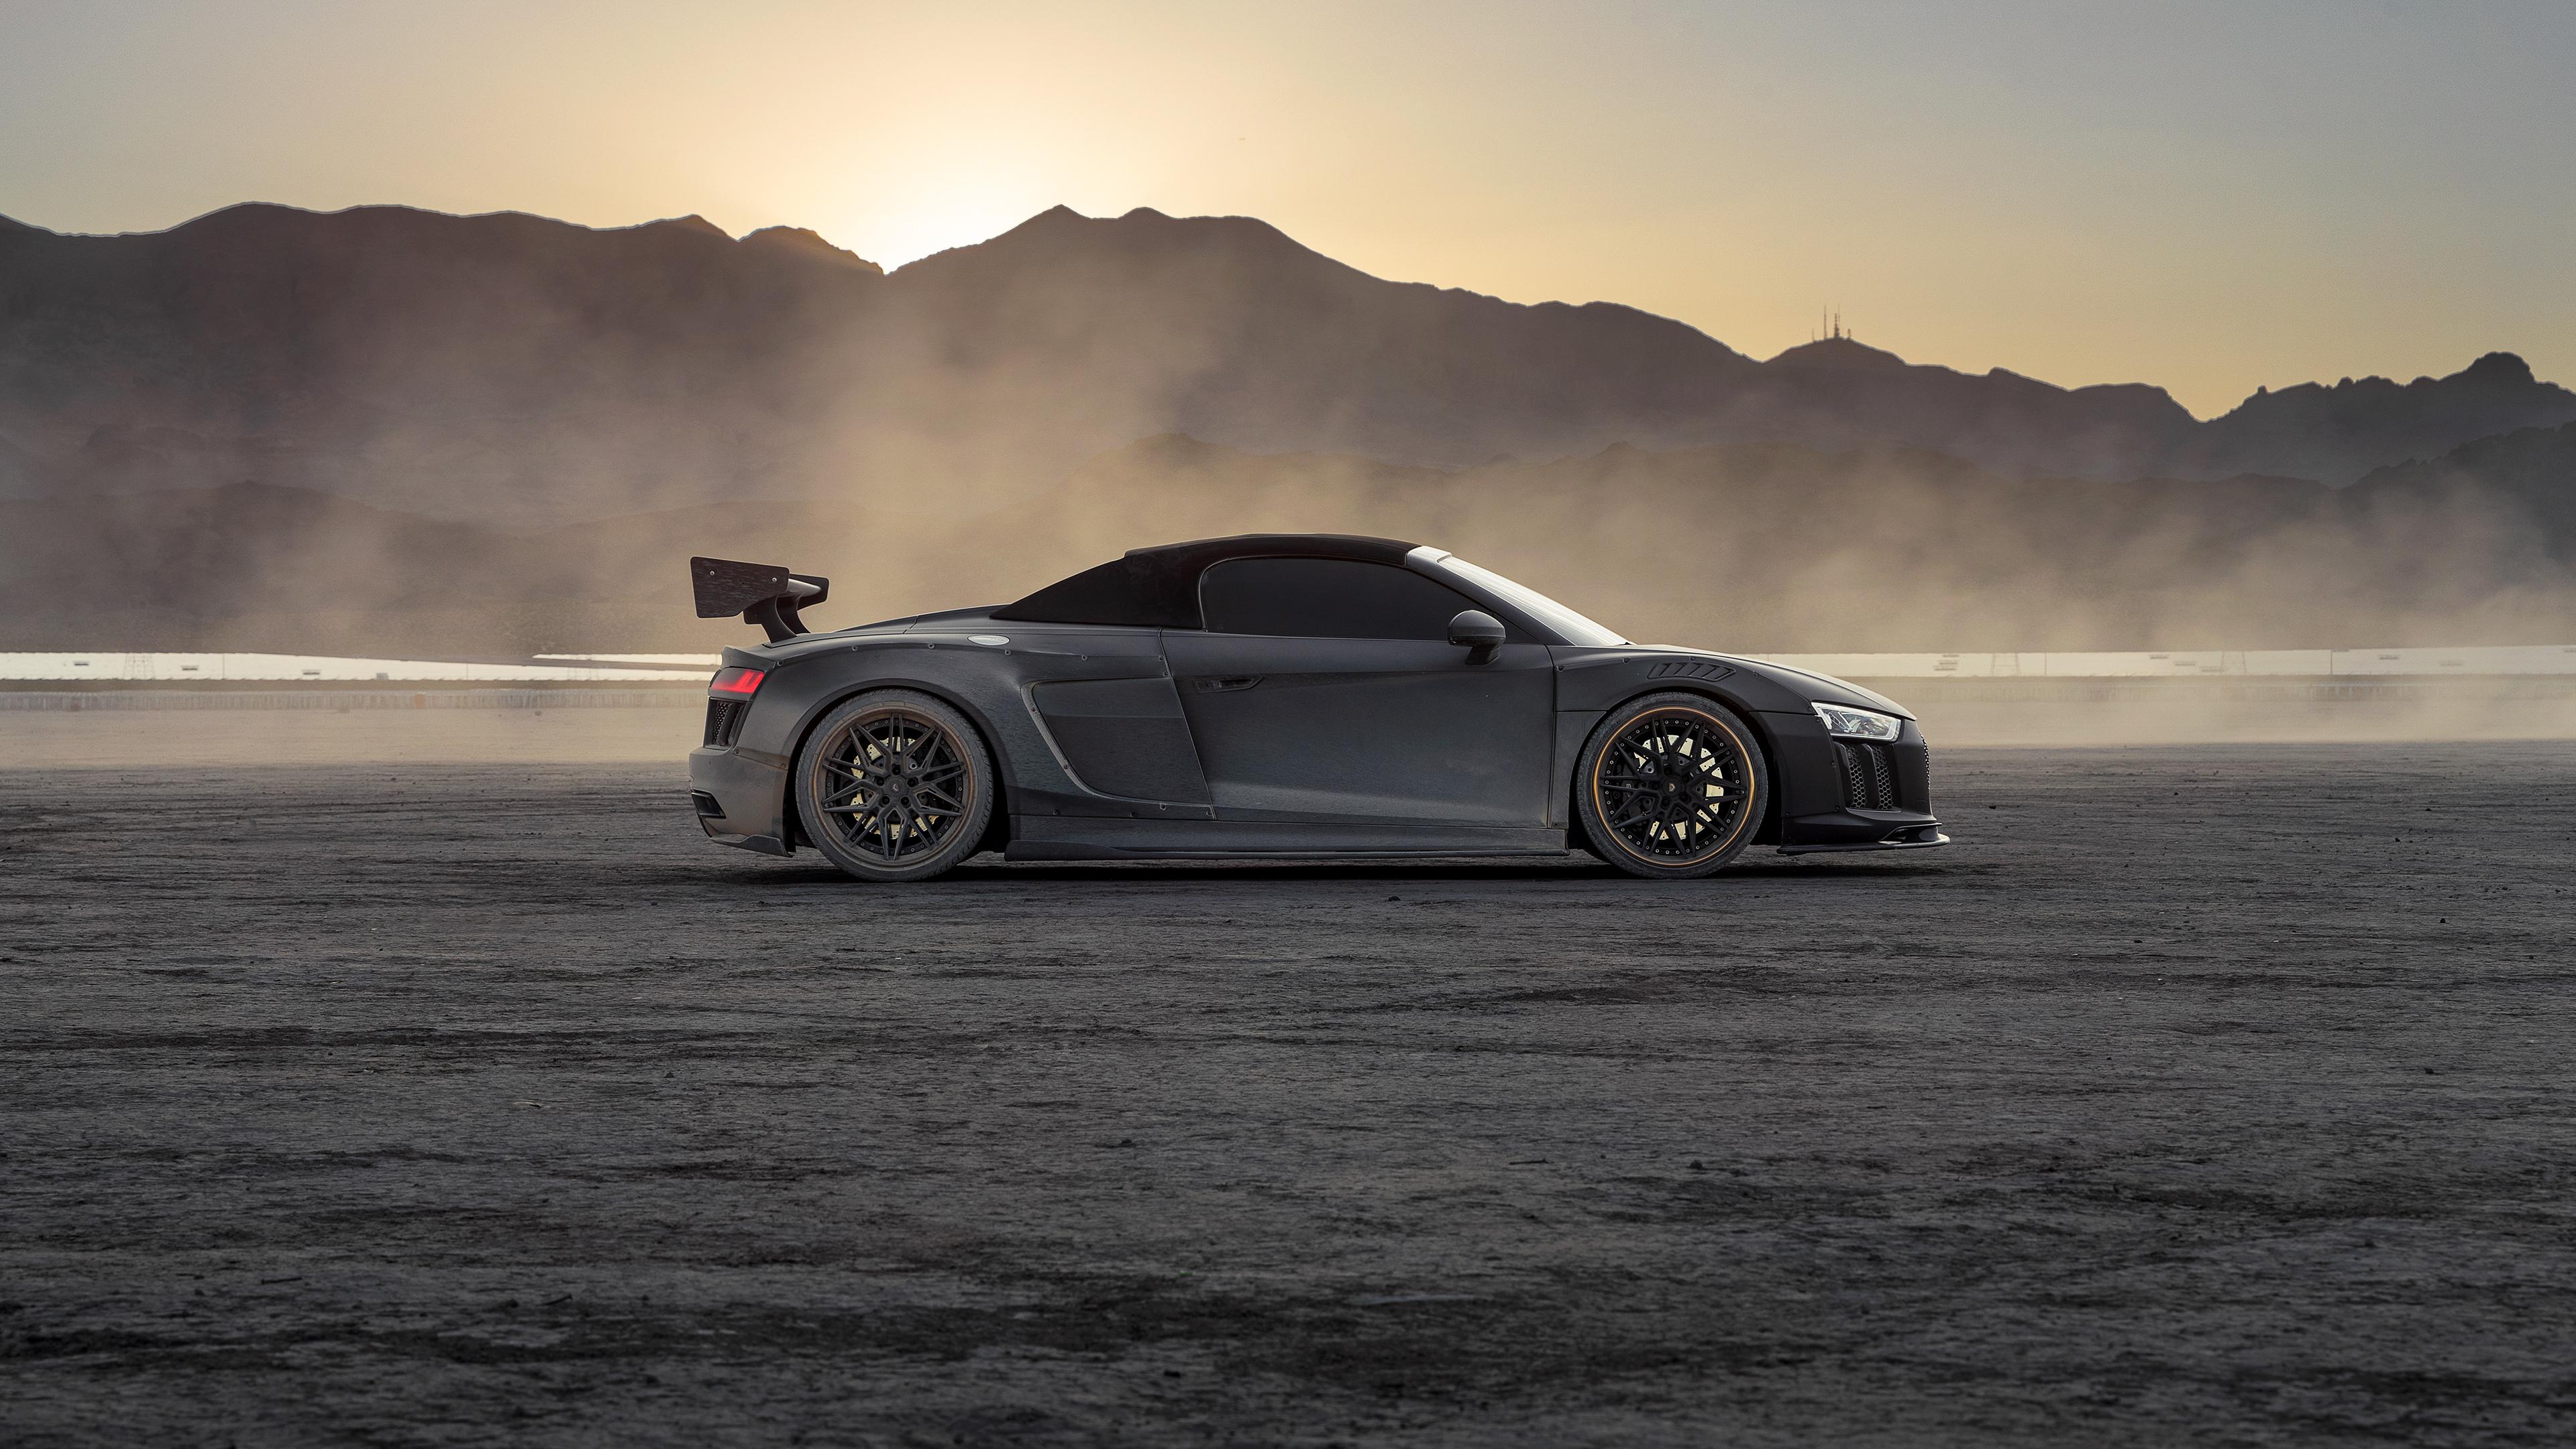 audi r8 dry lake 4k 1618922046 - Audi R8 Dry Lake 4k - Audi R8 Dry Lake 4k wallpapers